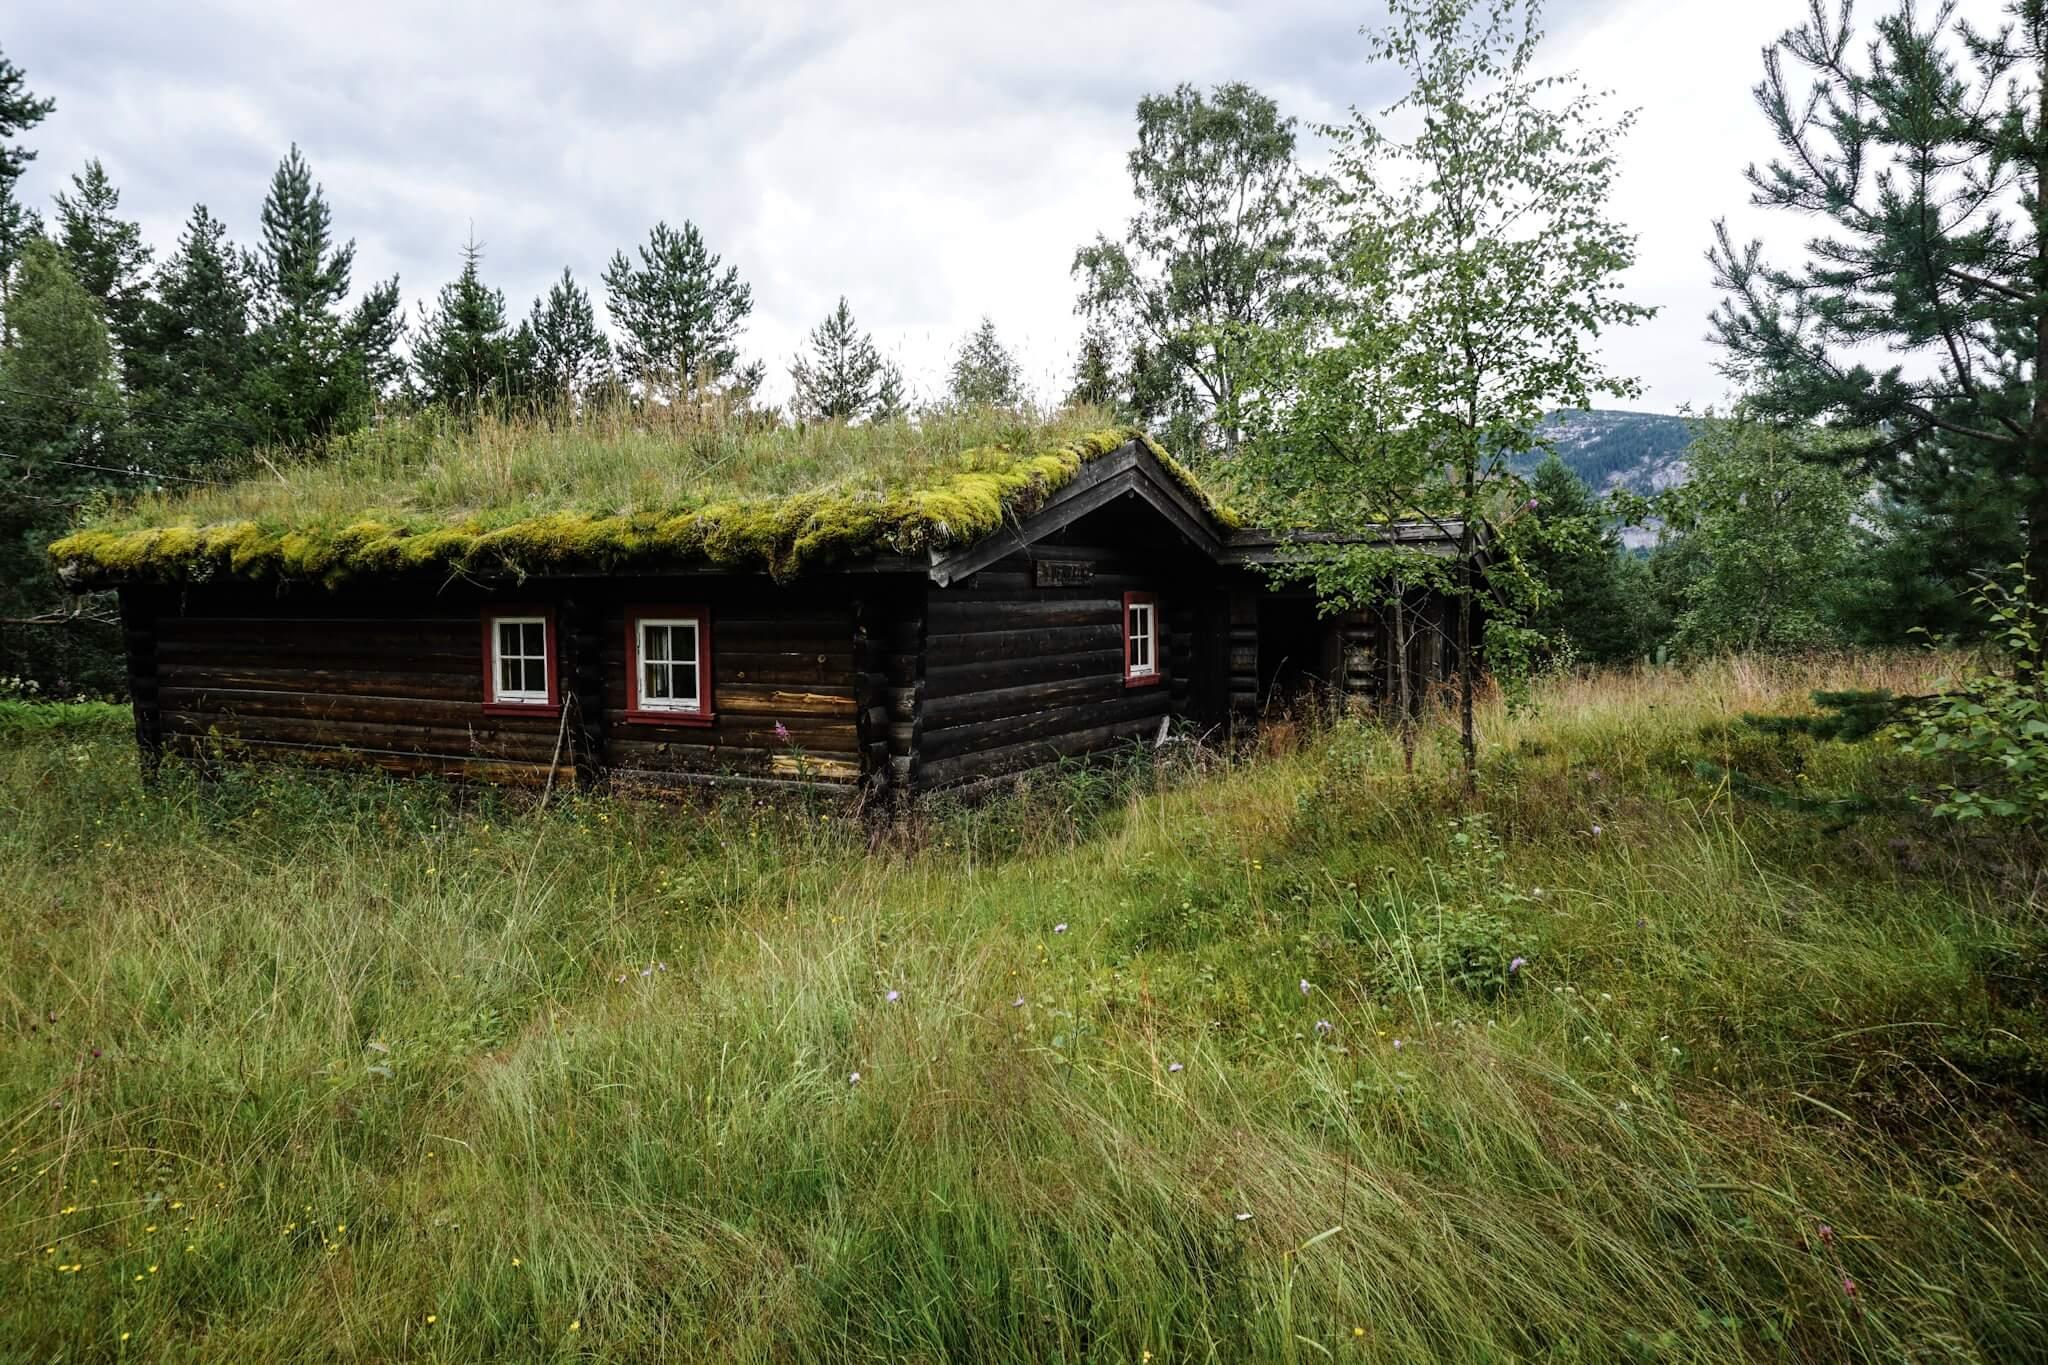 maison typique télémark norvège blog